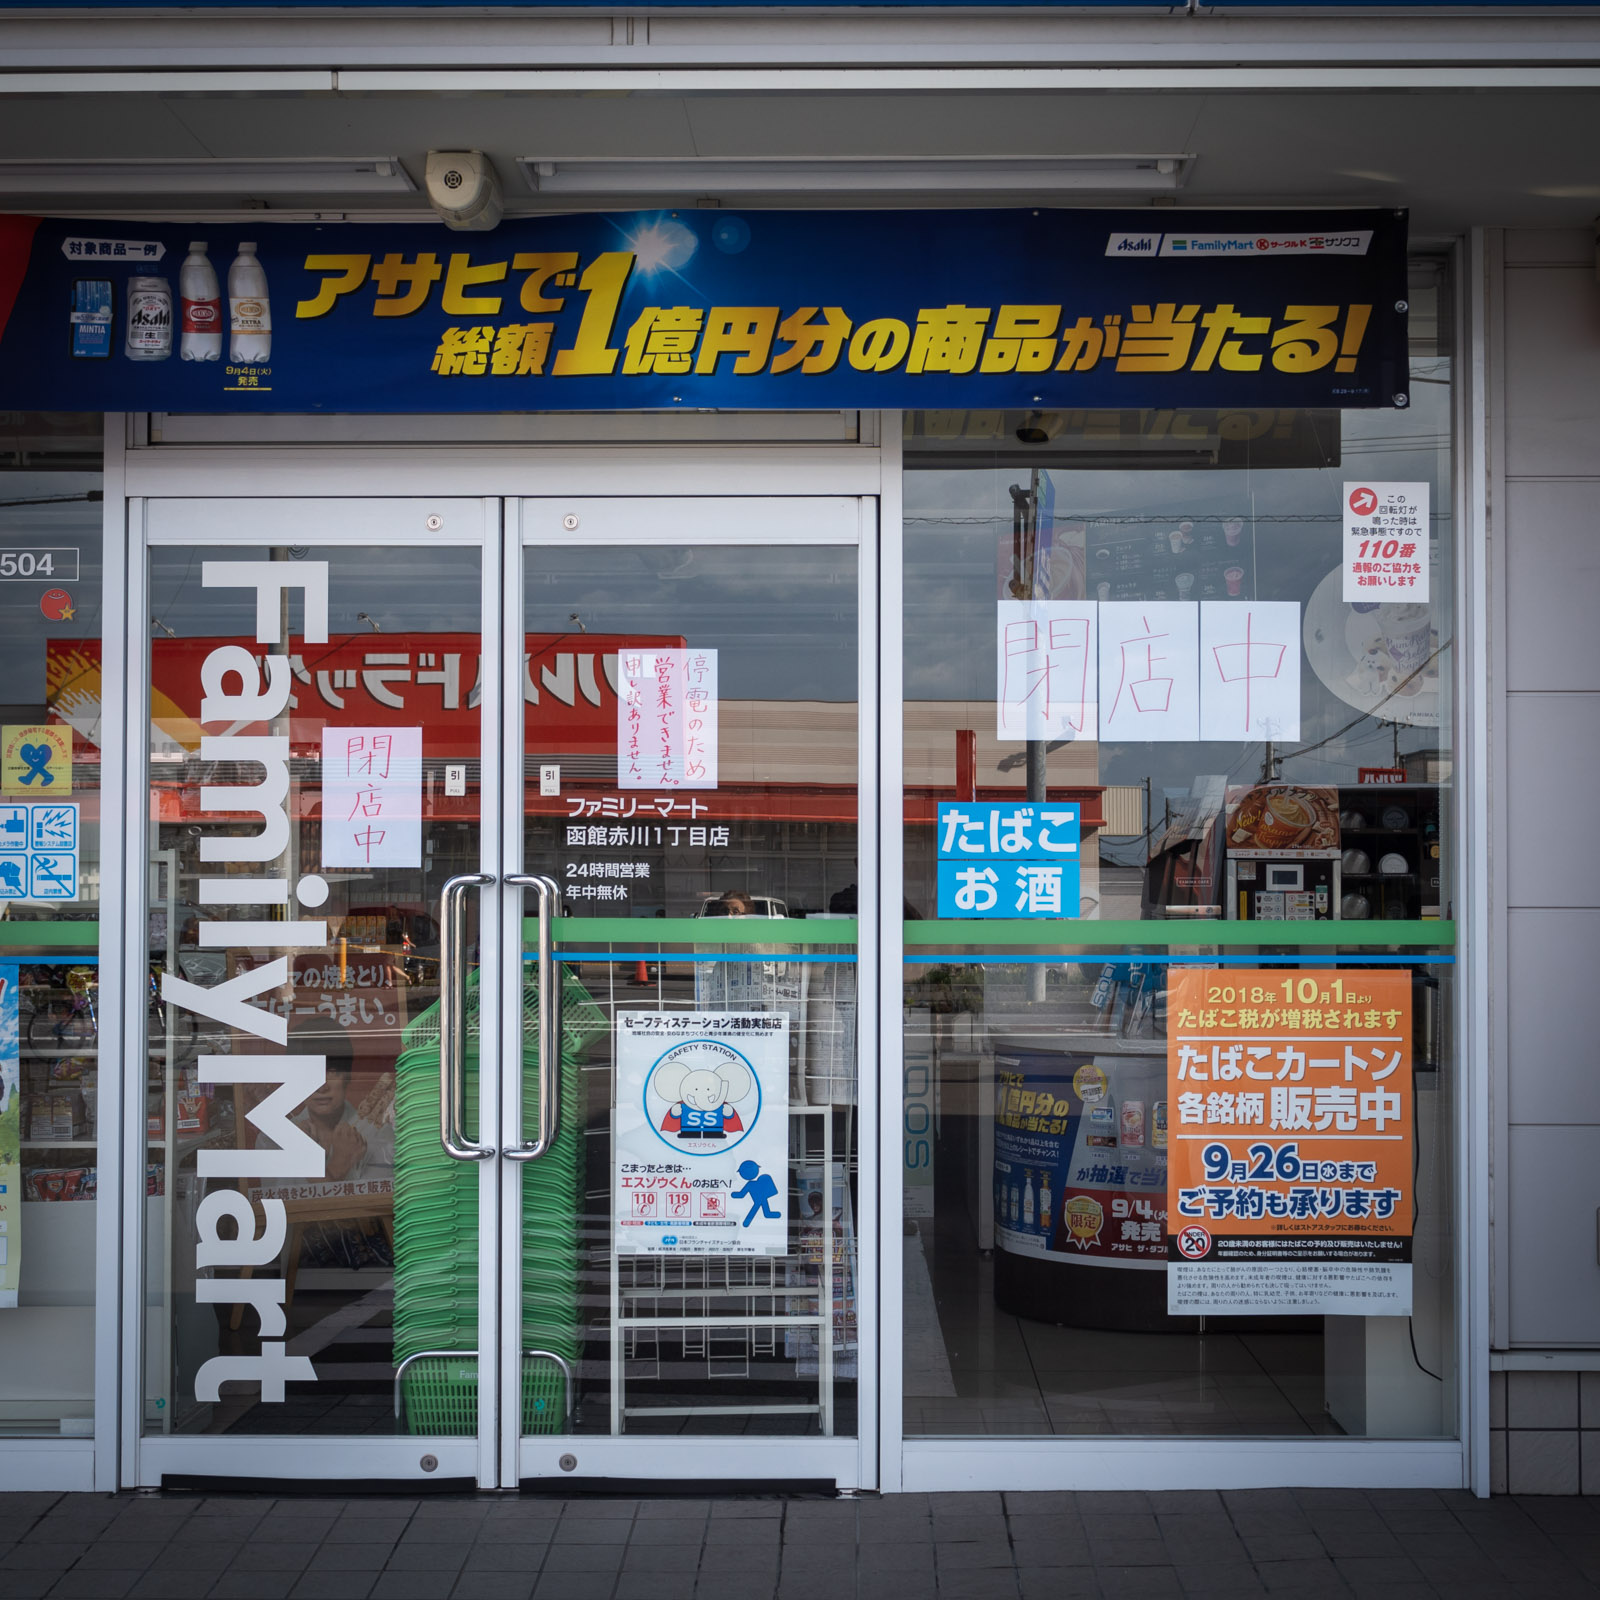 停電の朝、閉店を知らせる紙が貼られたファミリーマートの入口